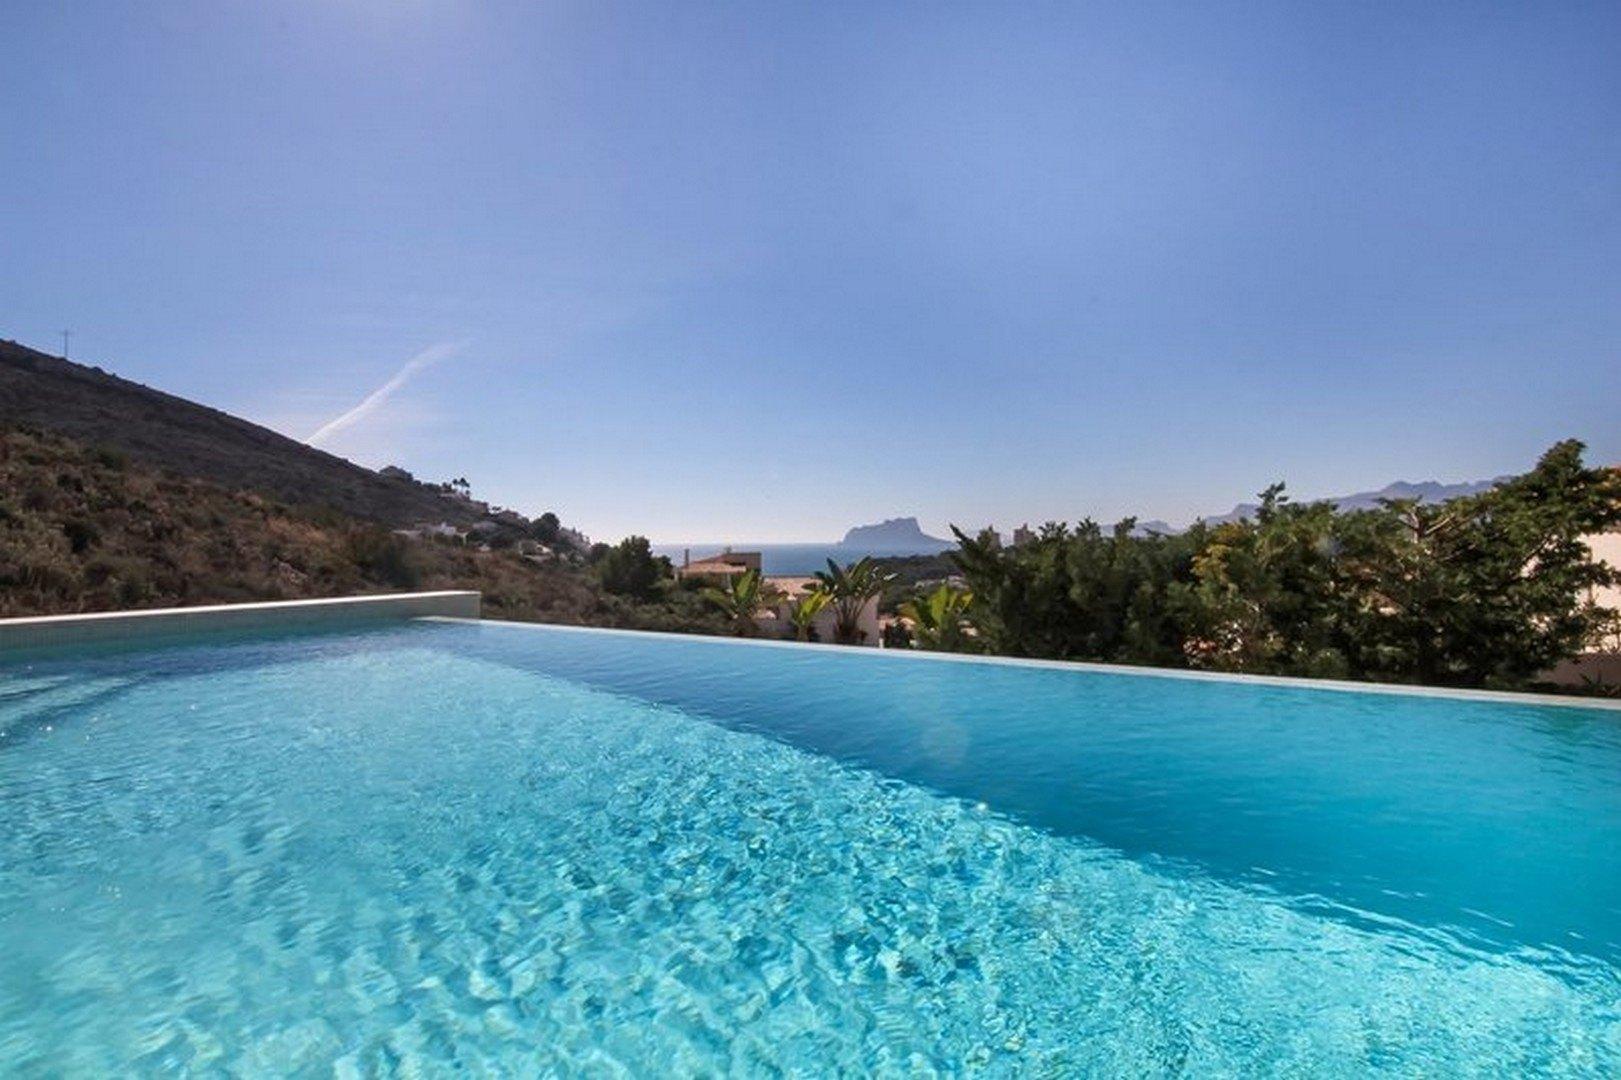 Fotogallerij - 12 - Build a villa in Moraira: villas for sale in Moraira